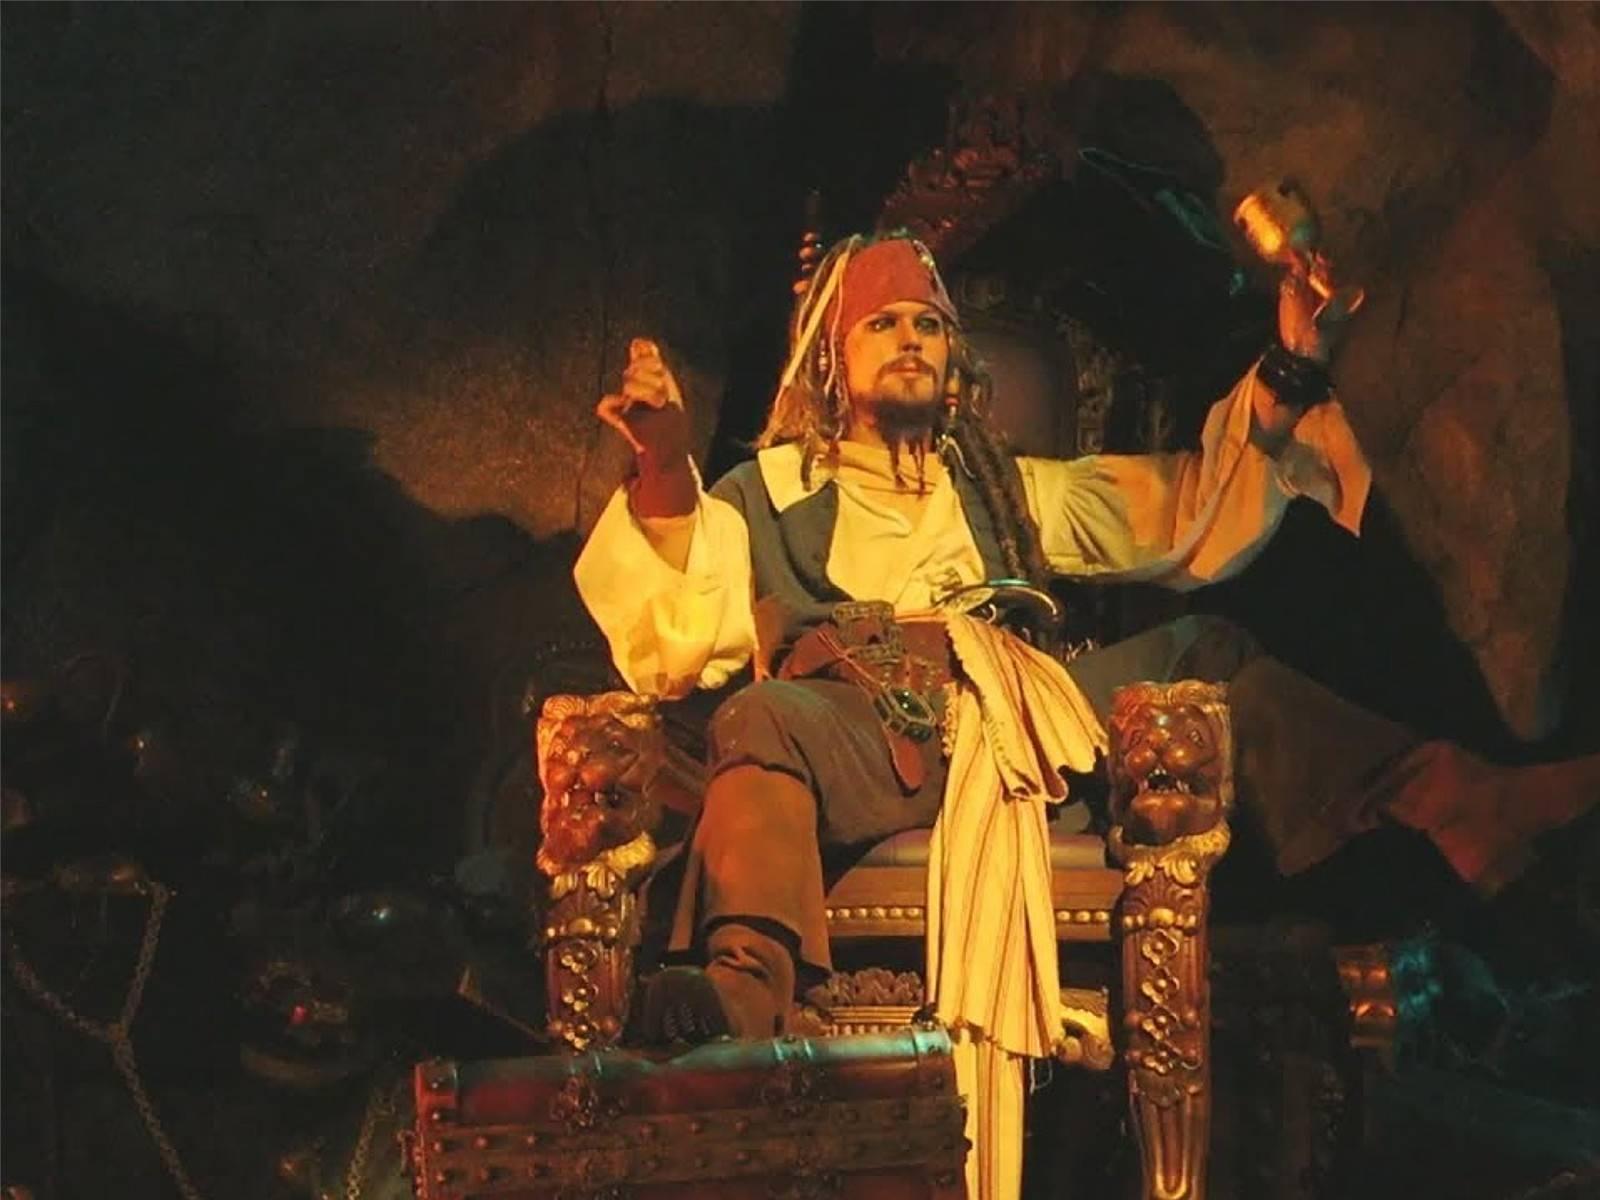 Jack Sparrow animatronic nell'attrazione di Disneyland